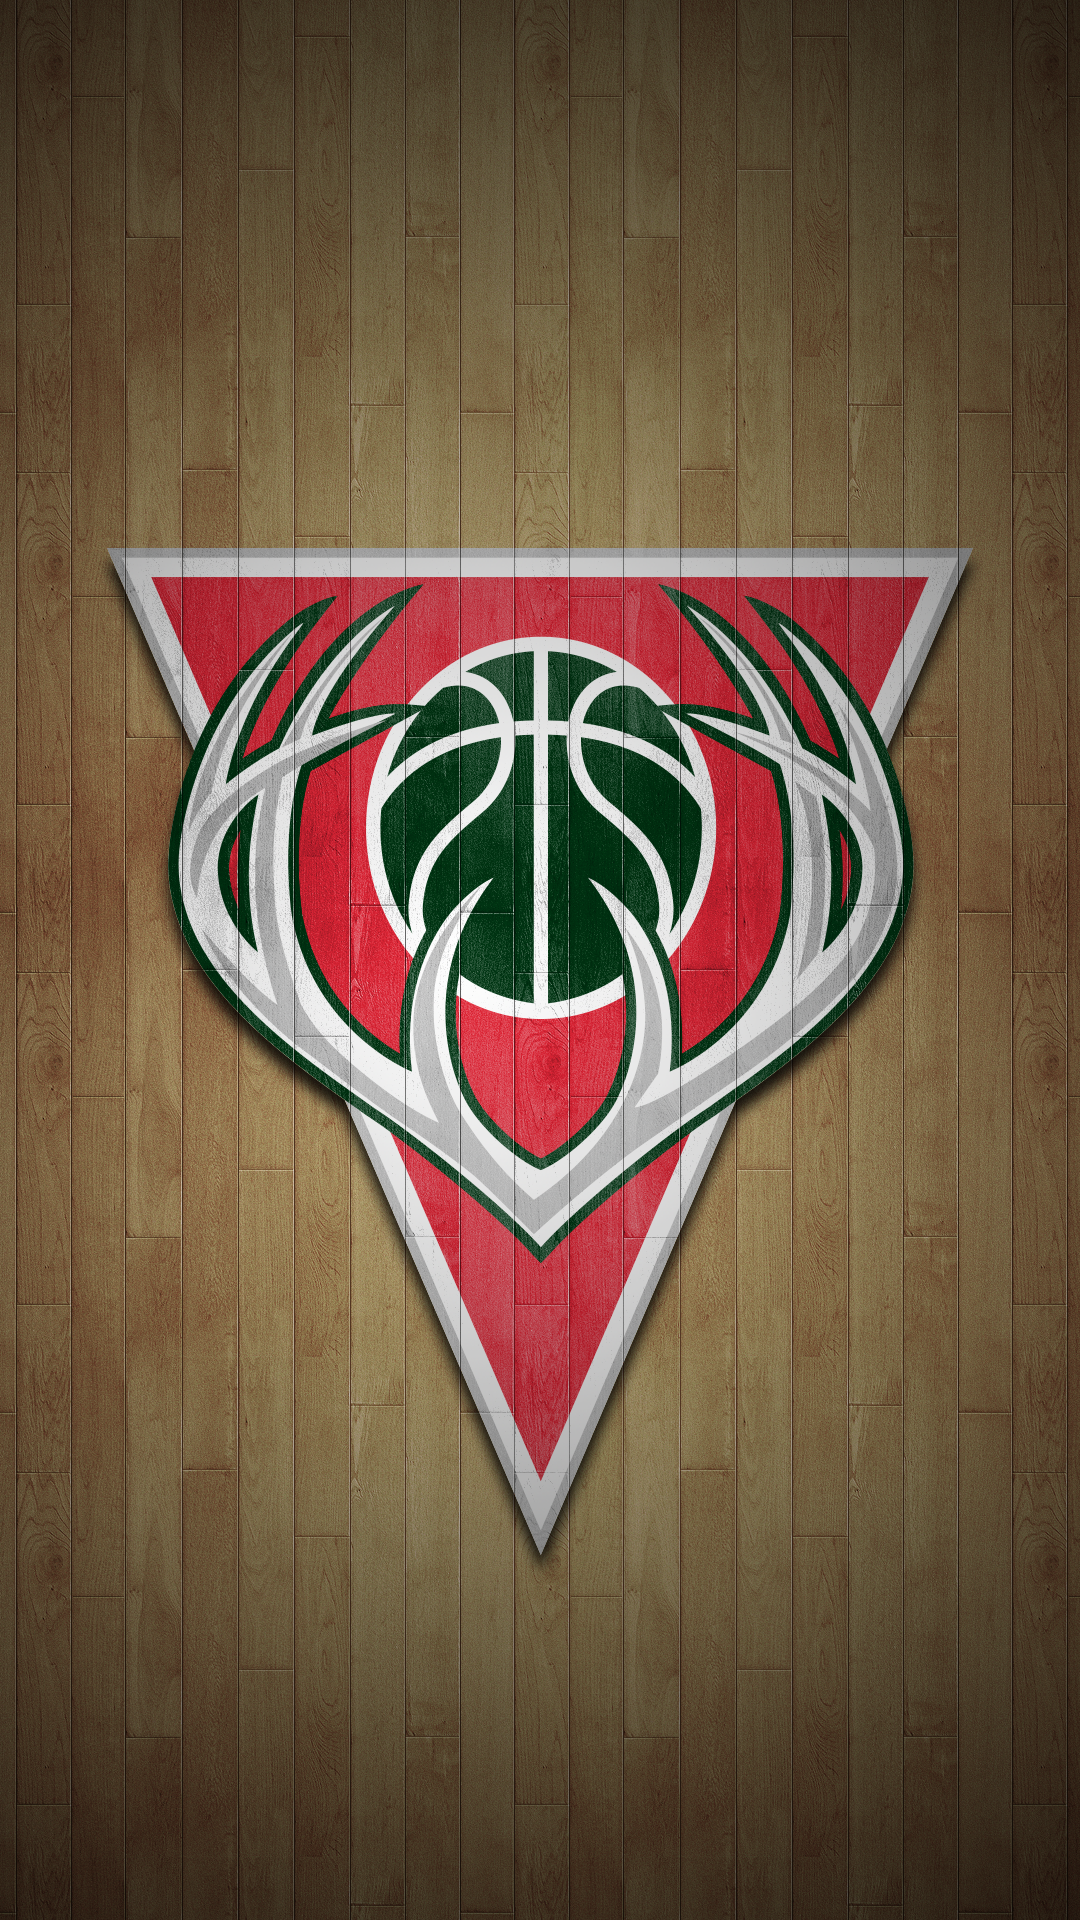 Sports Milwaukee Bucks 1080x1920 Wallpaper Id 763002